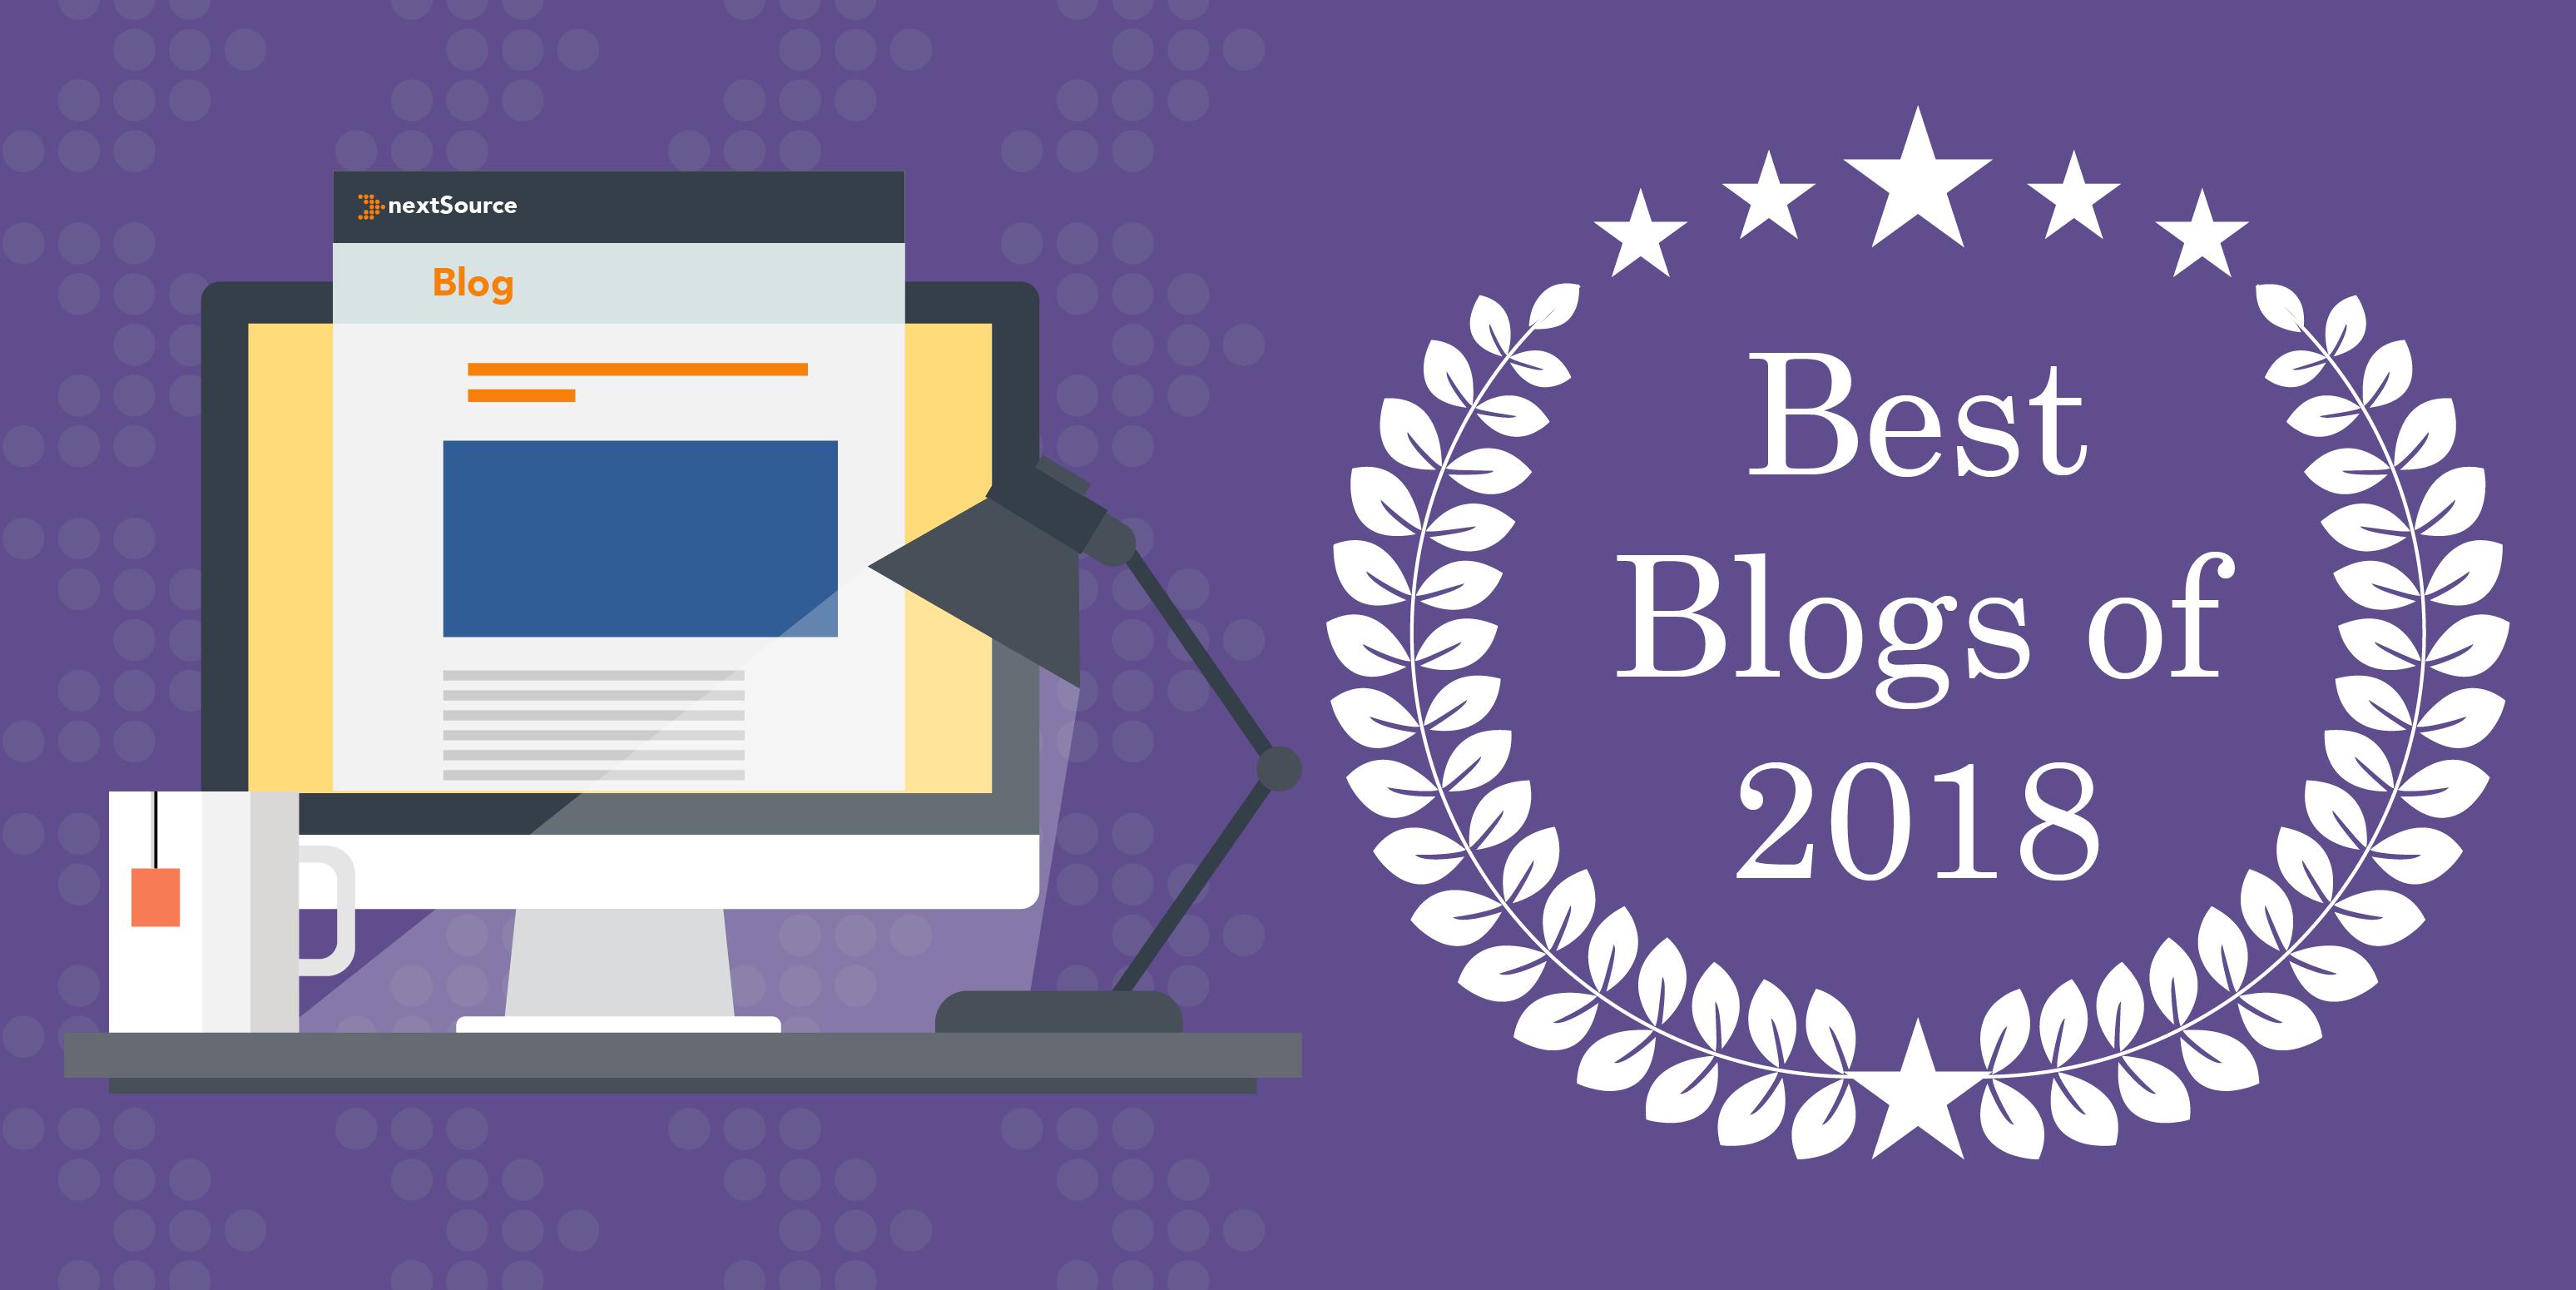 bestof2018_blog